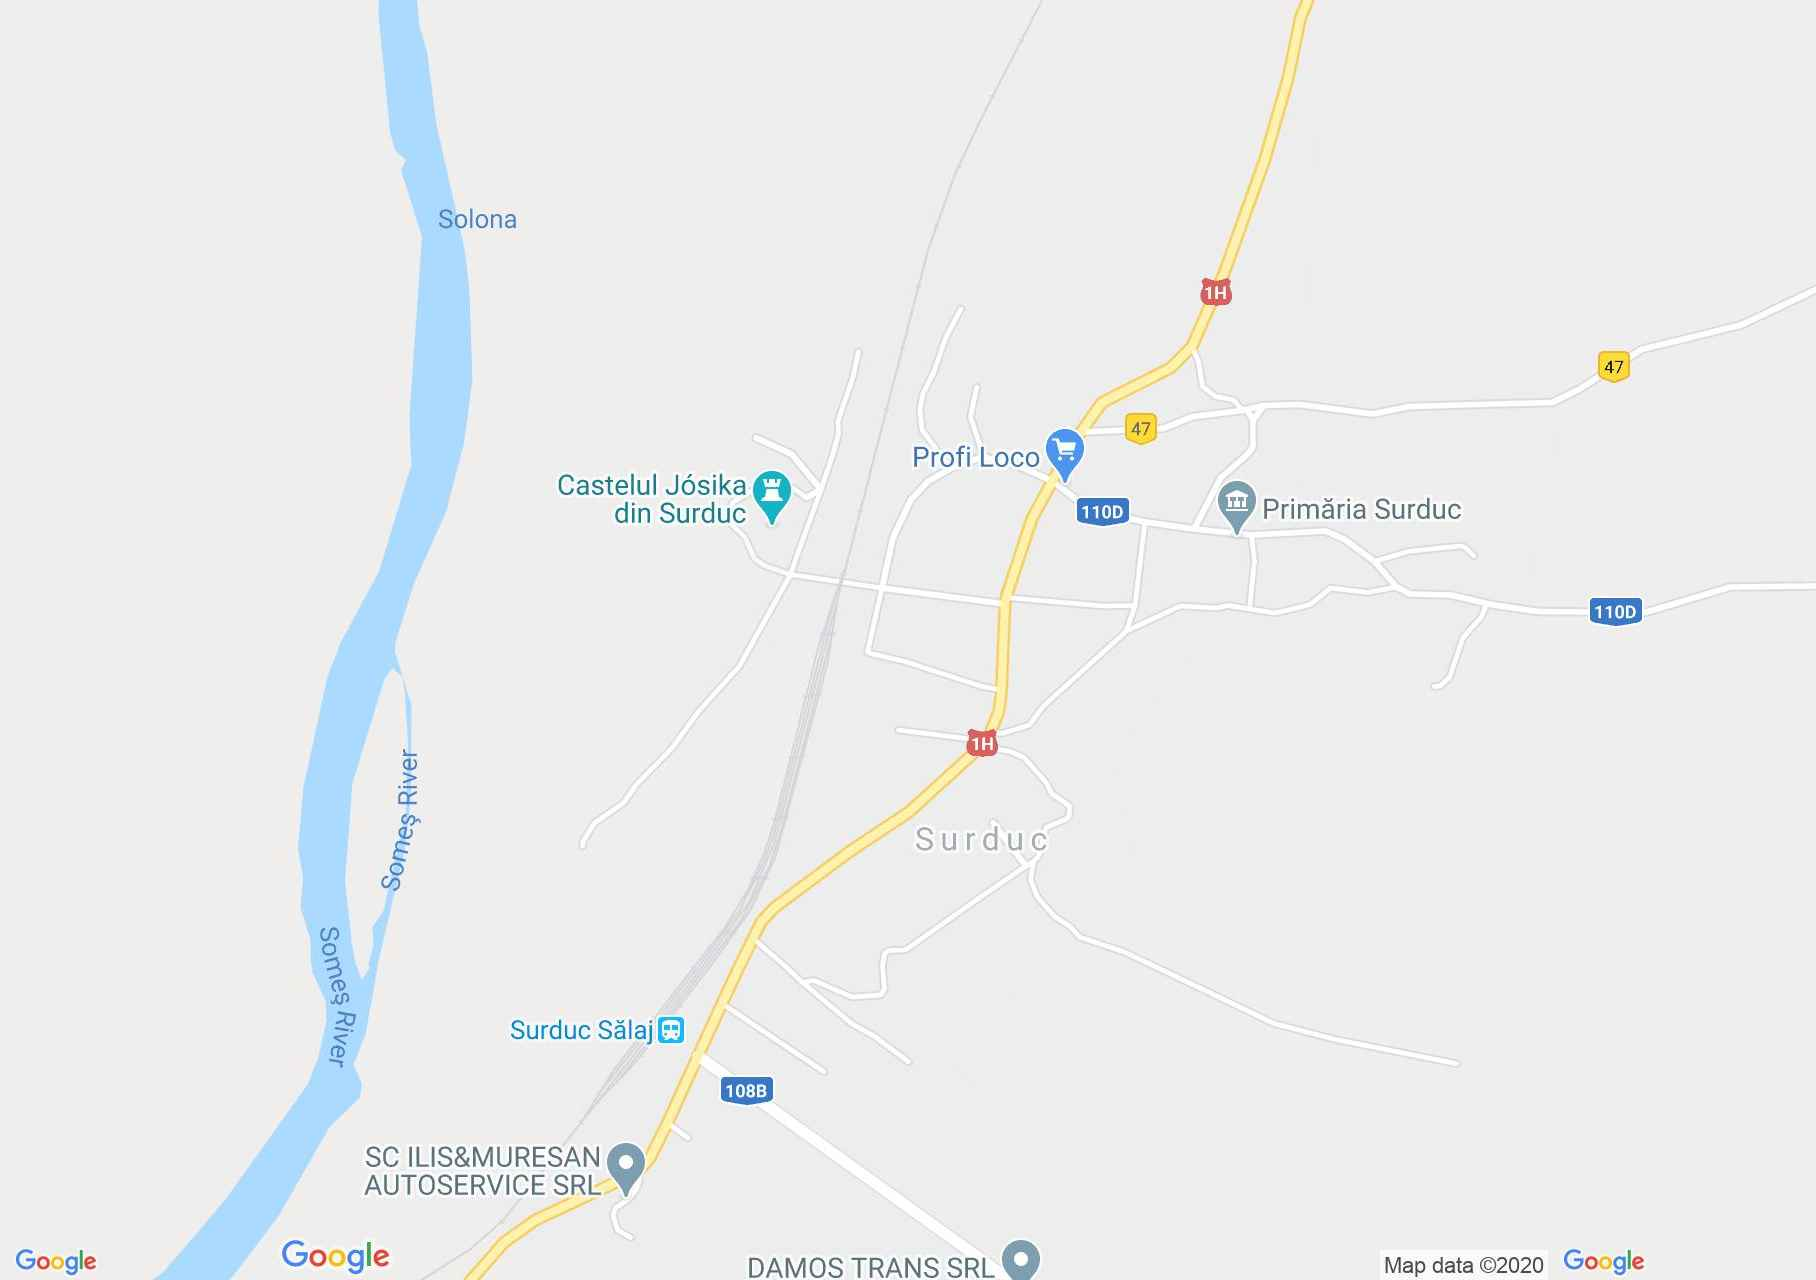 Surduc, Harta turistică interactivă